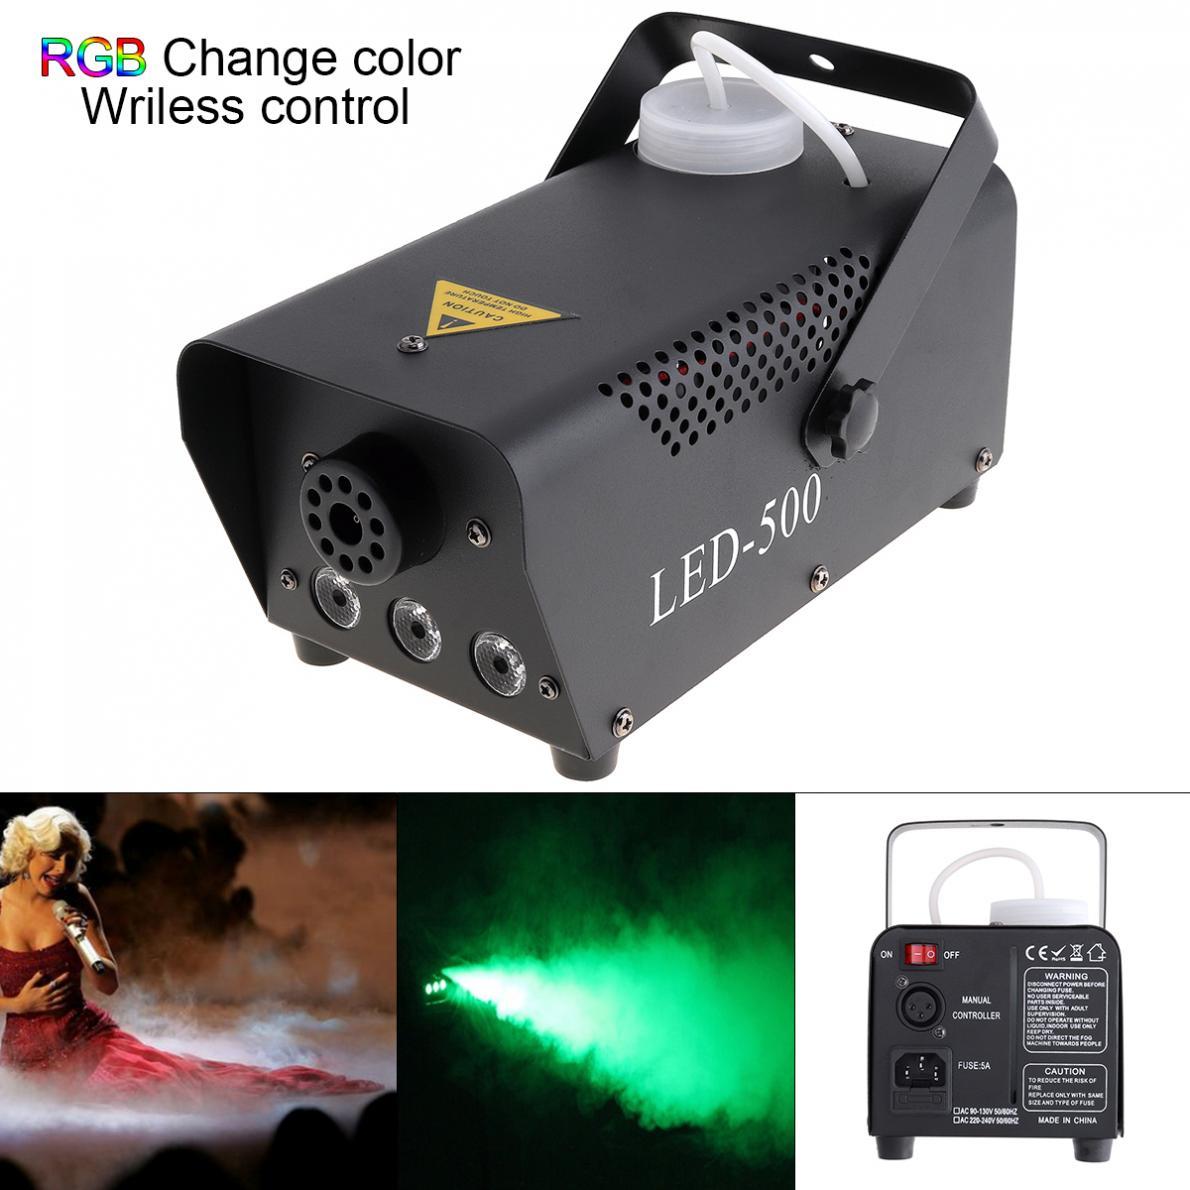 Sans fil Contrôle LED 500 w Machine À Fumée RGB Couleur LED Brouillard Machine/Professionnel LED Brumisateur/Stade Fumée Éjecteur pour KTV/Bar